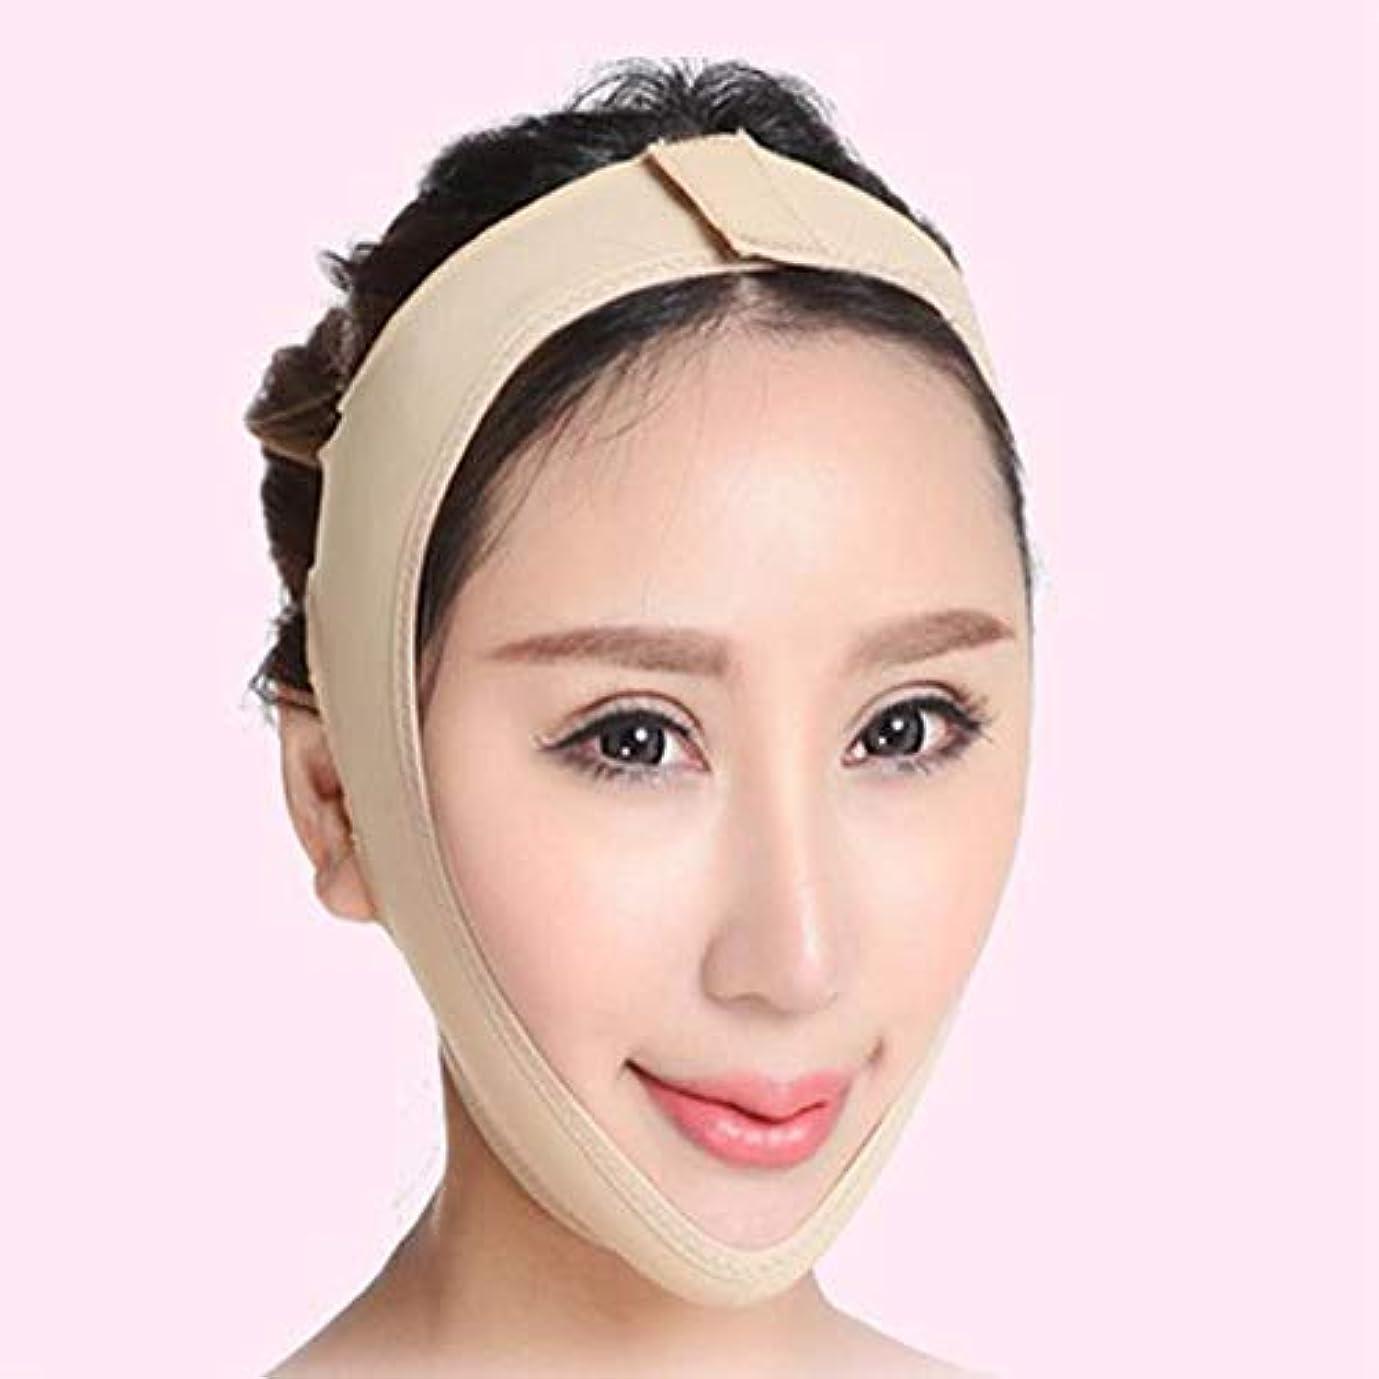 MR 小顔マスク リフトアップ マスク フェイスラインシャープ メンズ レディース Sサイズ MR-AZD15003-S